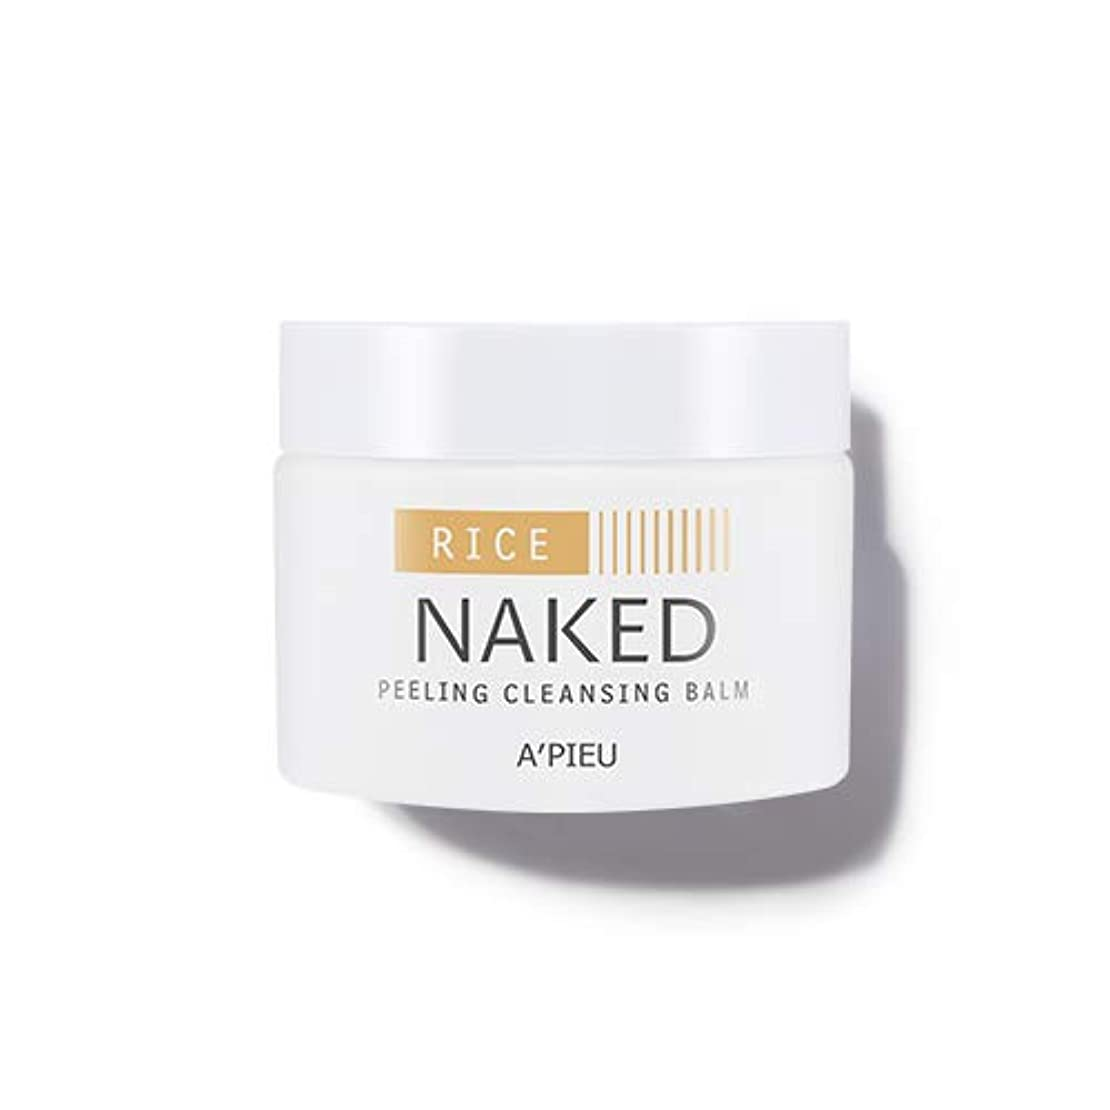 ホスト愛人サービスアピュ ネイキッド ピーリング クレンジング バーム 45g / APIEU Naked Peeling Cleansing Balm [並行輸入品]